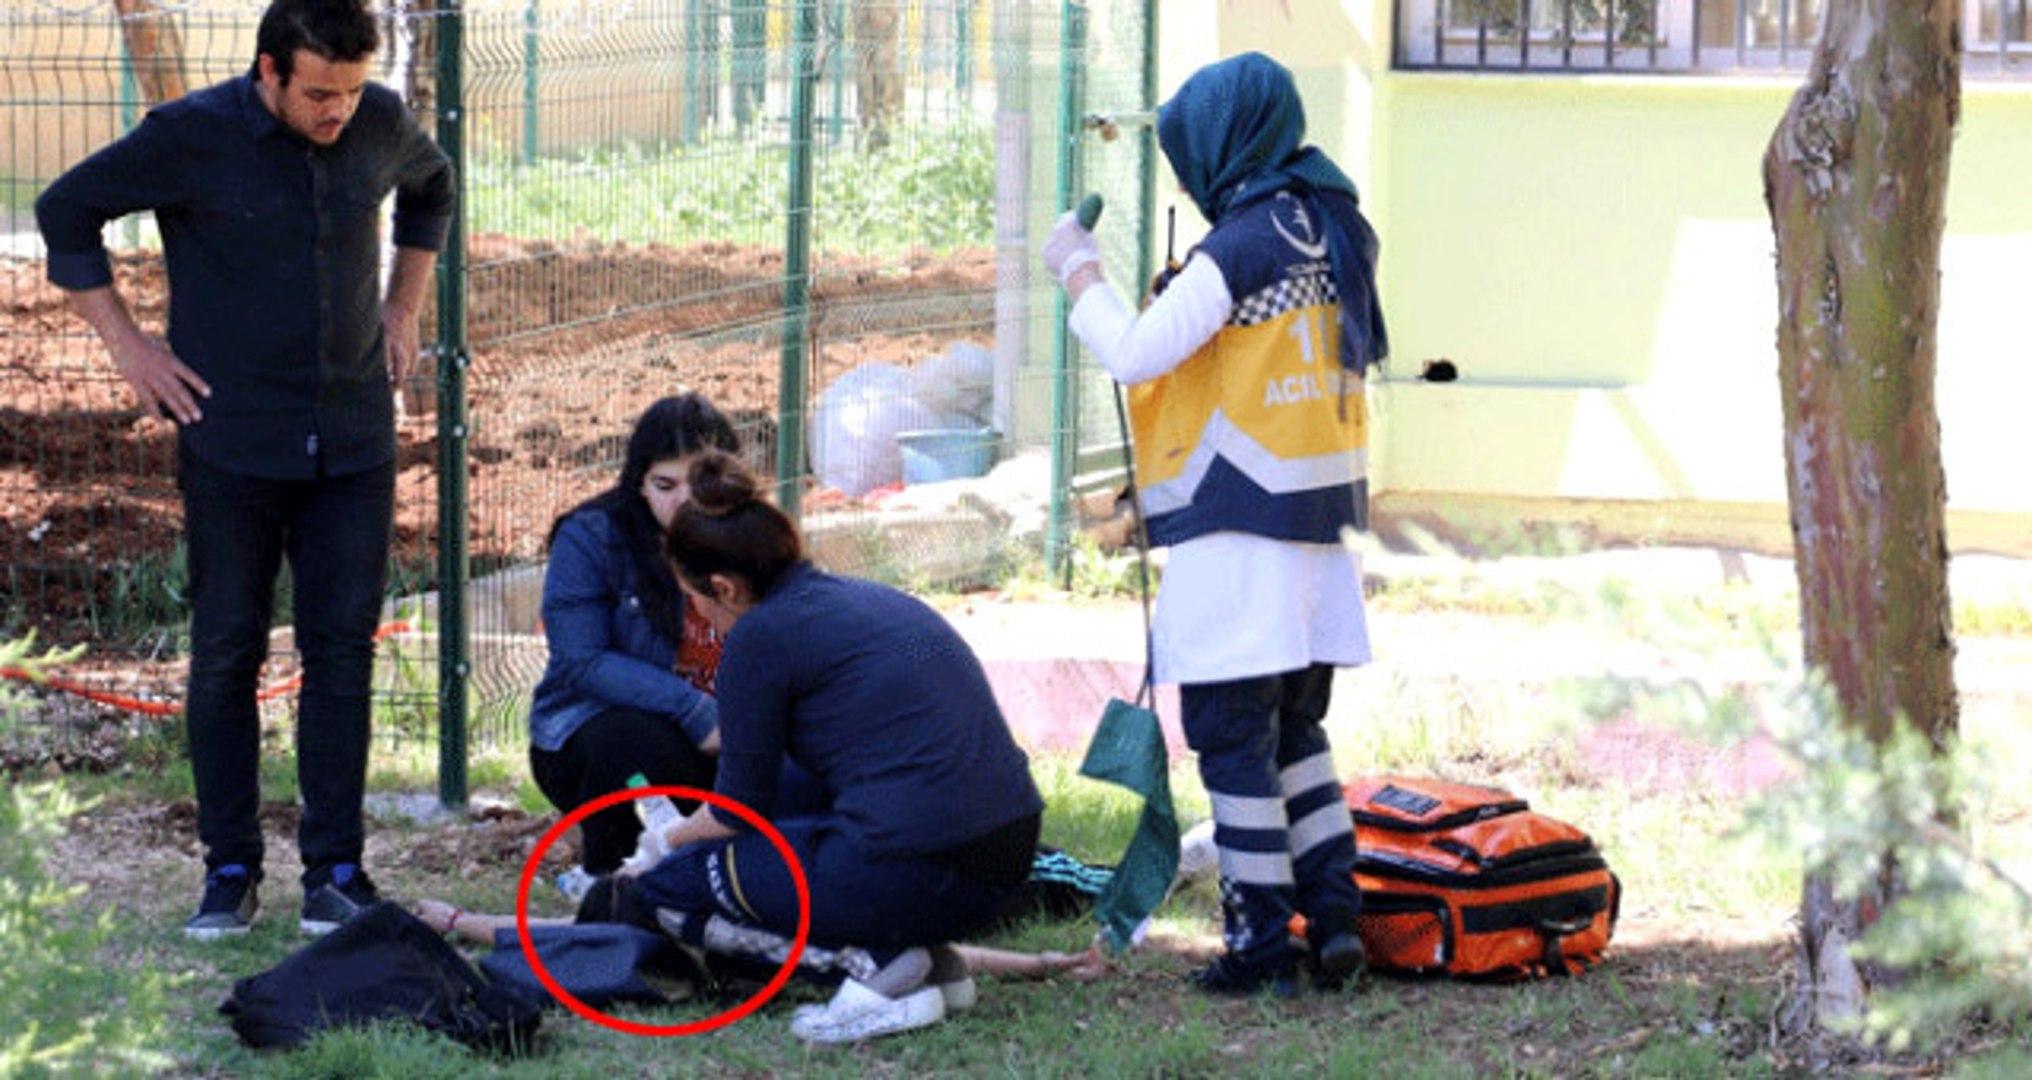 Liseli Kız Dehşet Saçtı! Önce Kendi Kafasına Sıktı Sonra Öğrencileri Tehdit Etti